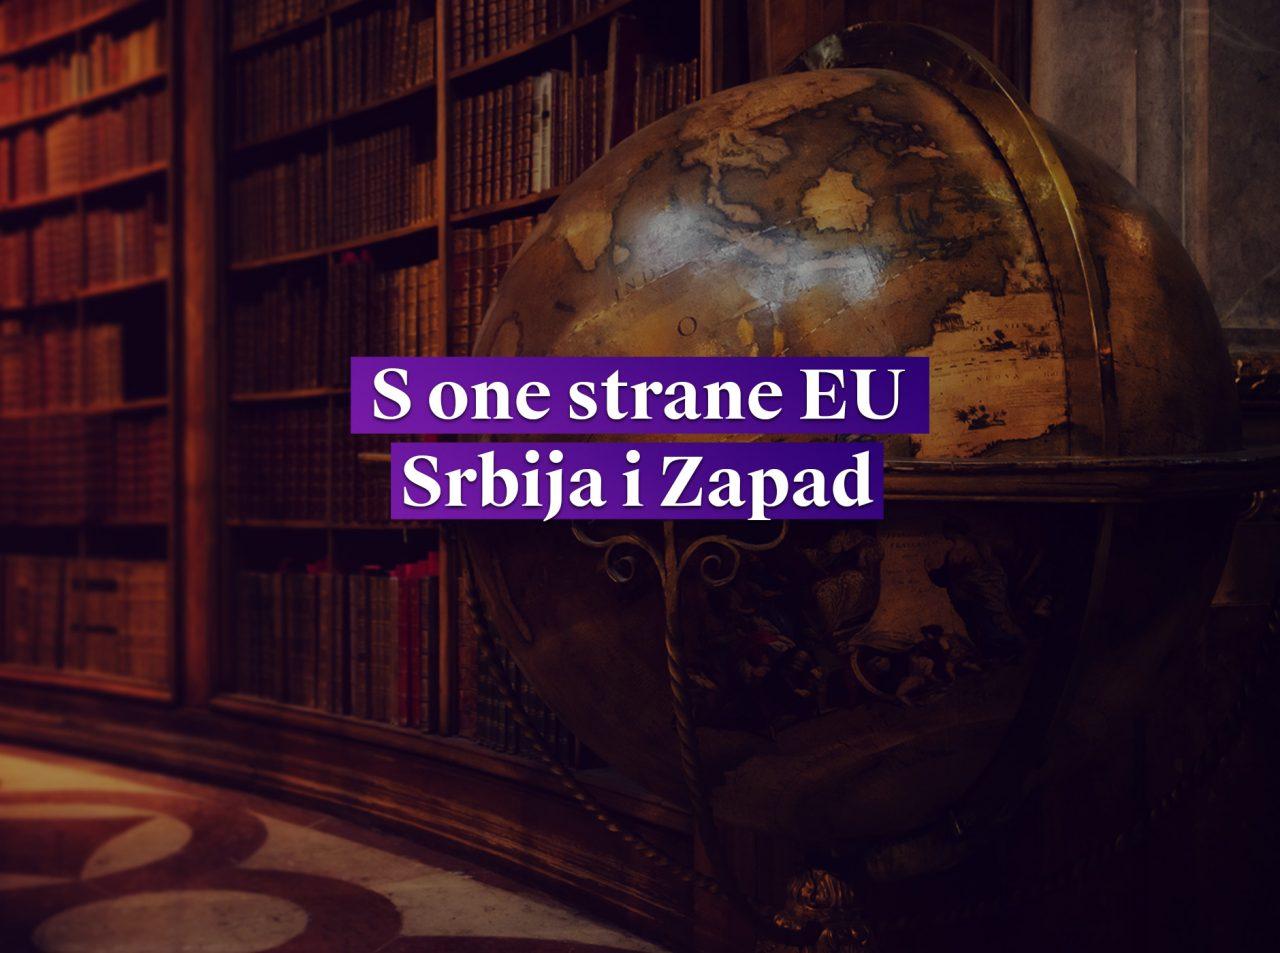 sajt-eu-1280x953.jpg